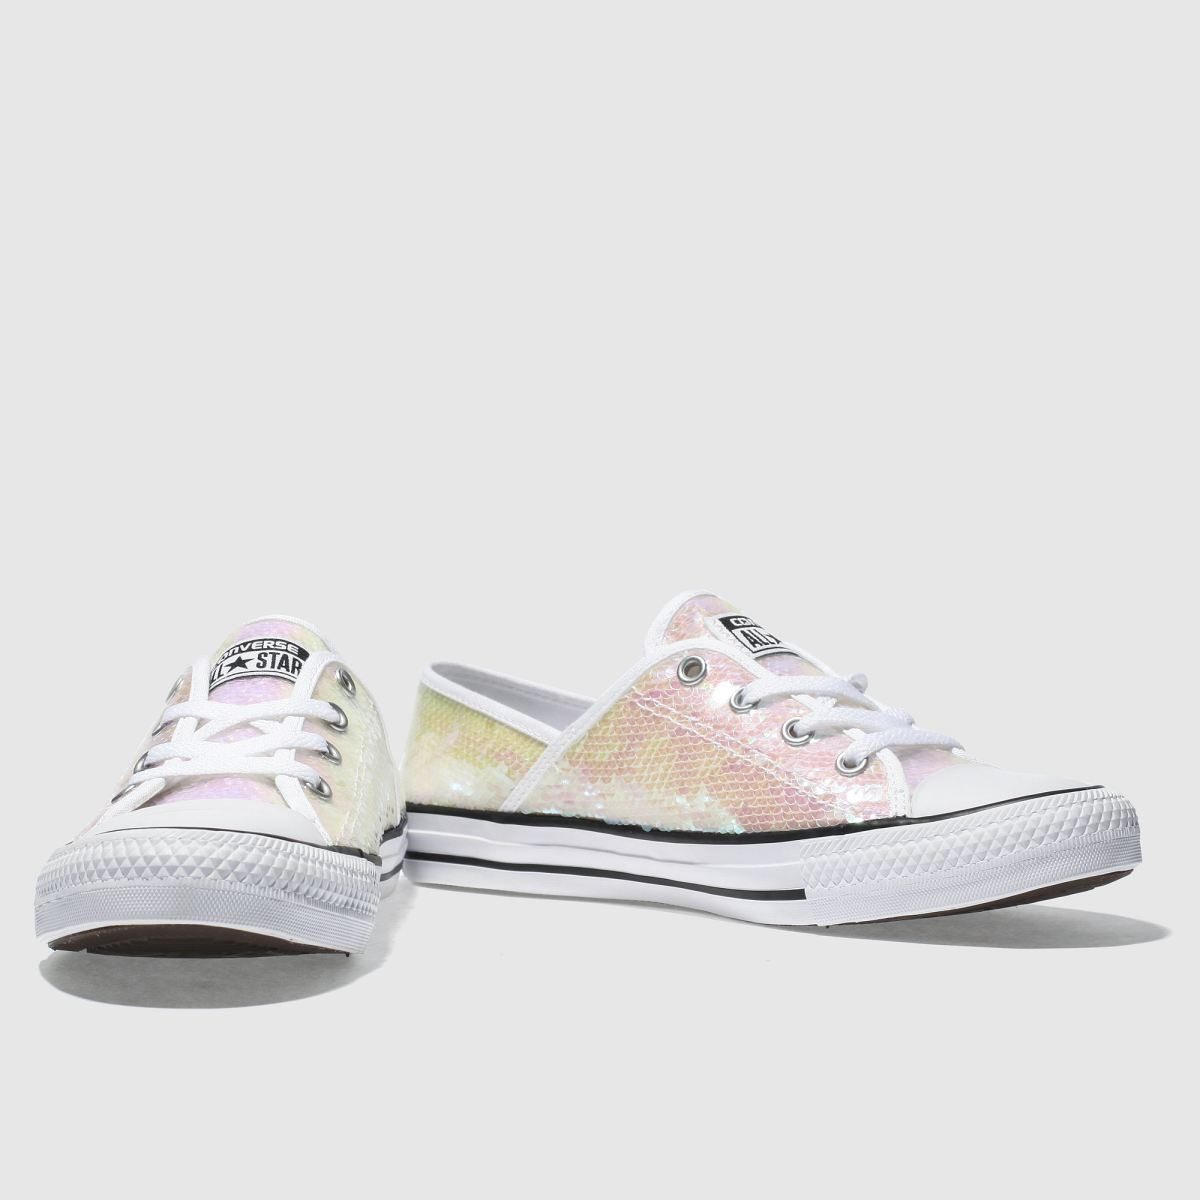 Damen Weiß-pink converse All Star Coral Ox Sequins Sneaker | schuh Gute Qualität beliebte Schuhe